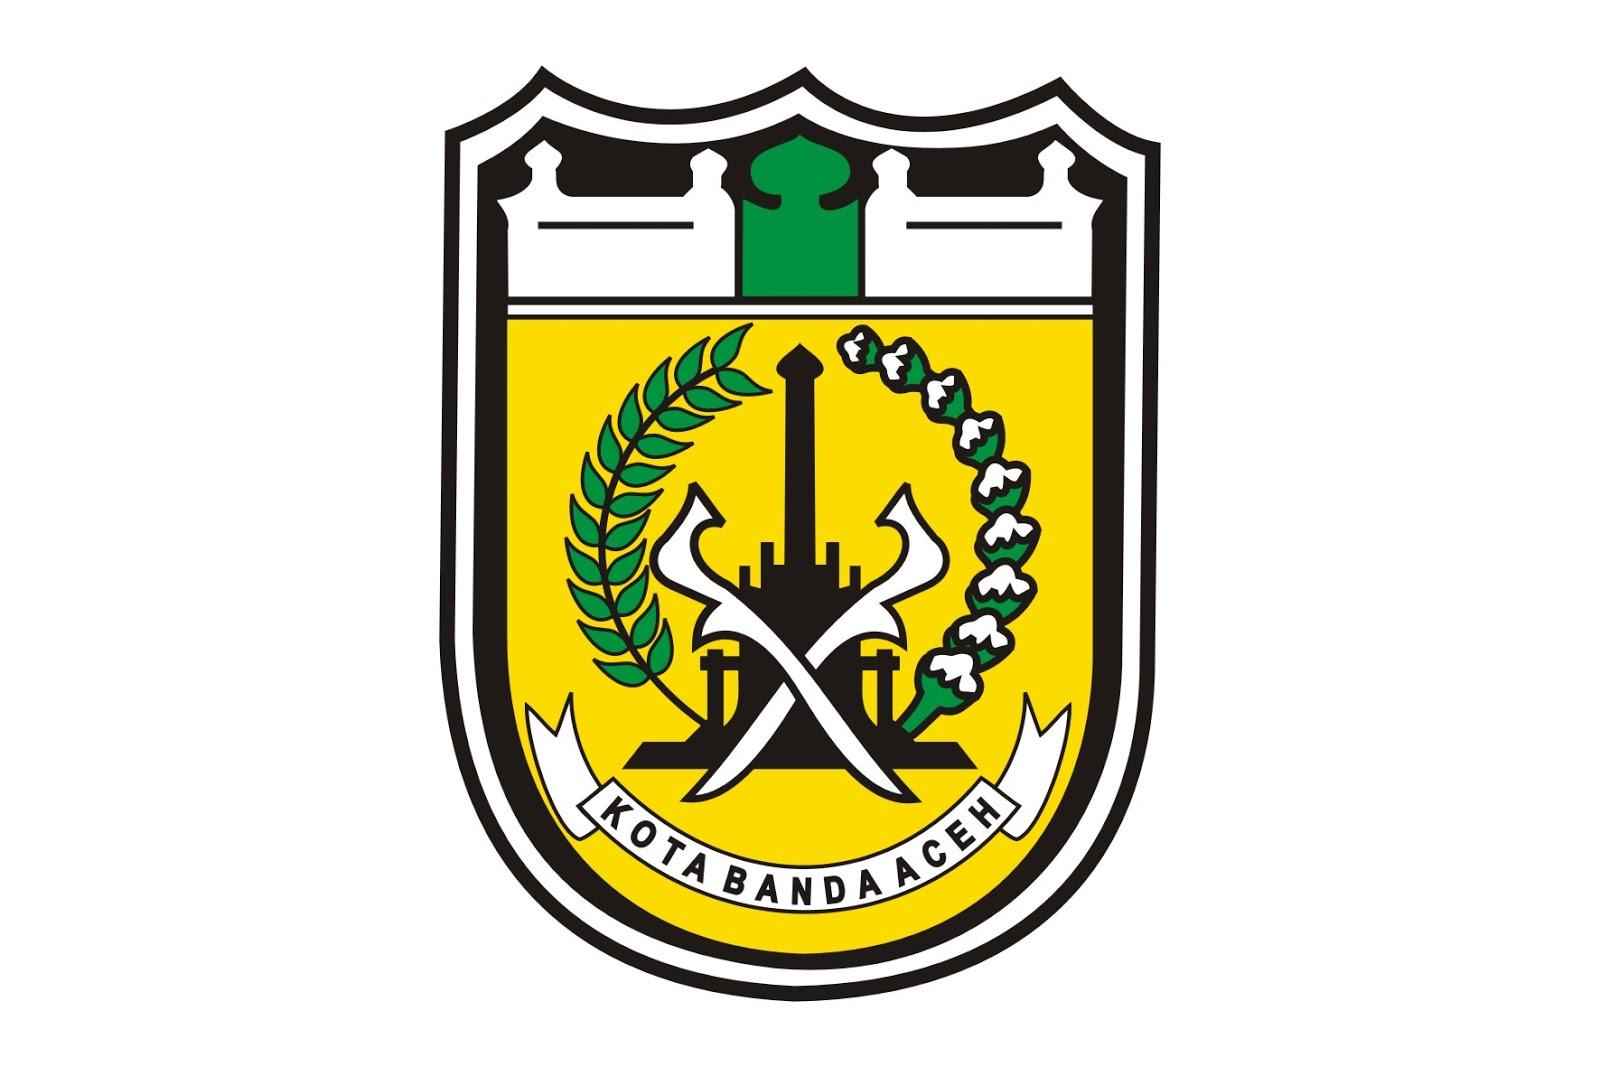 Pemko Banda Aceh Logo